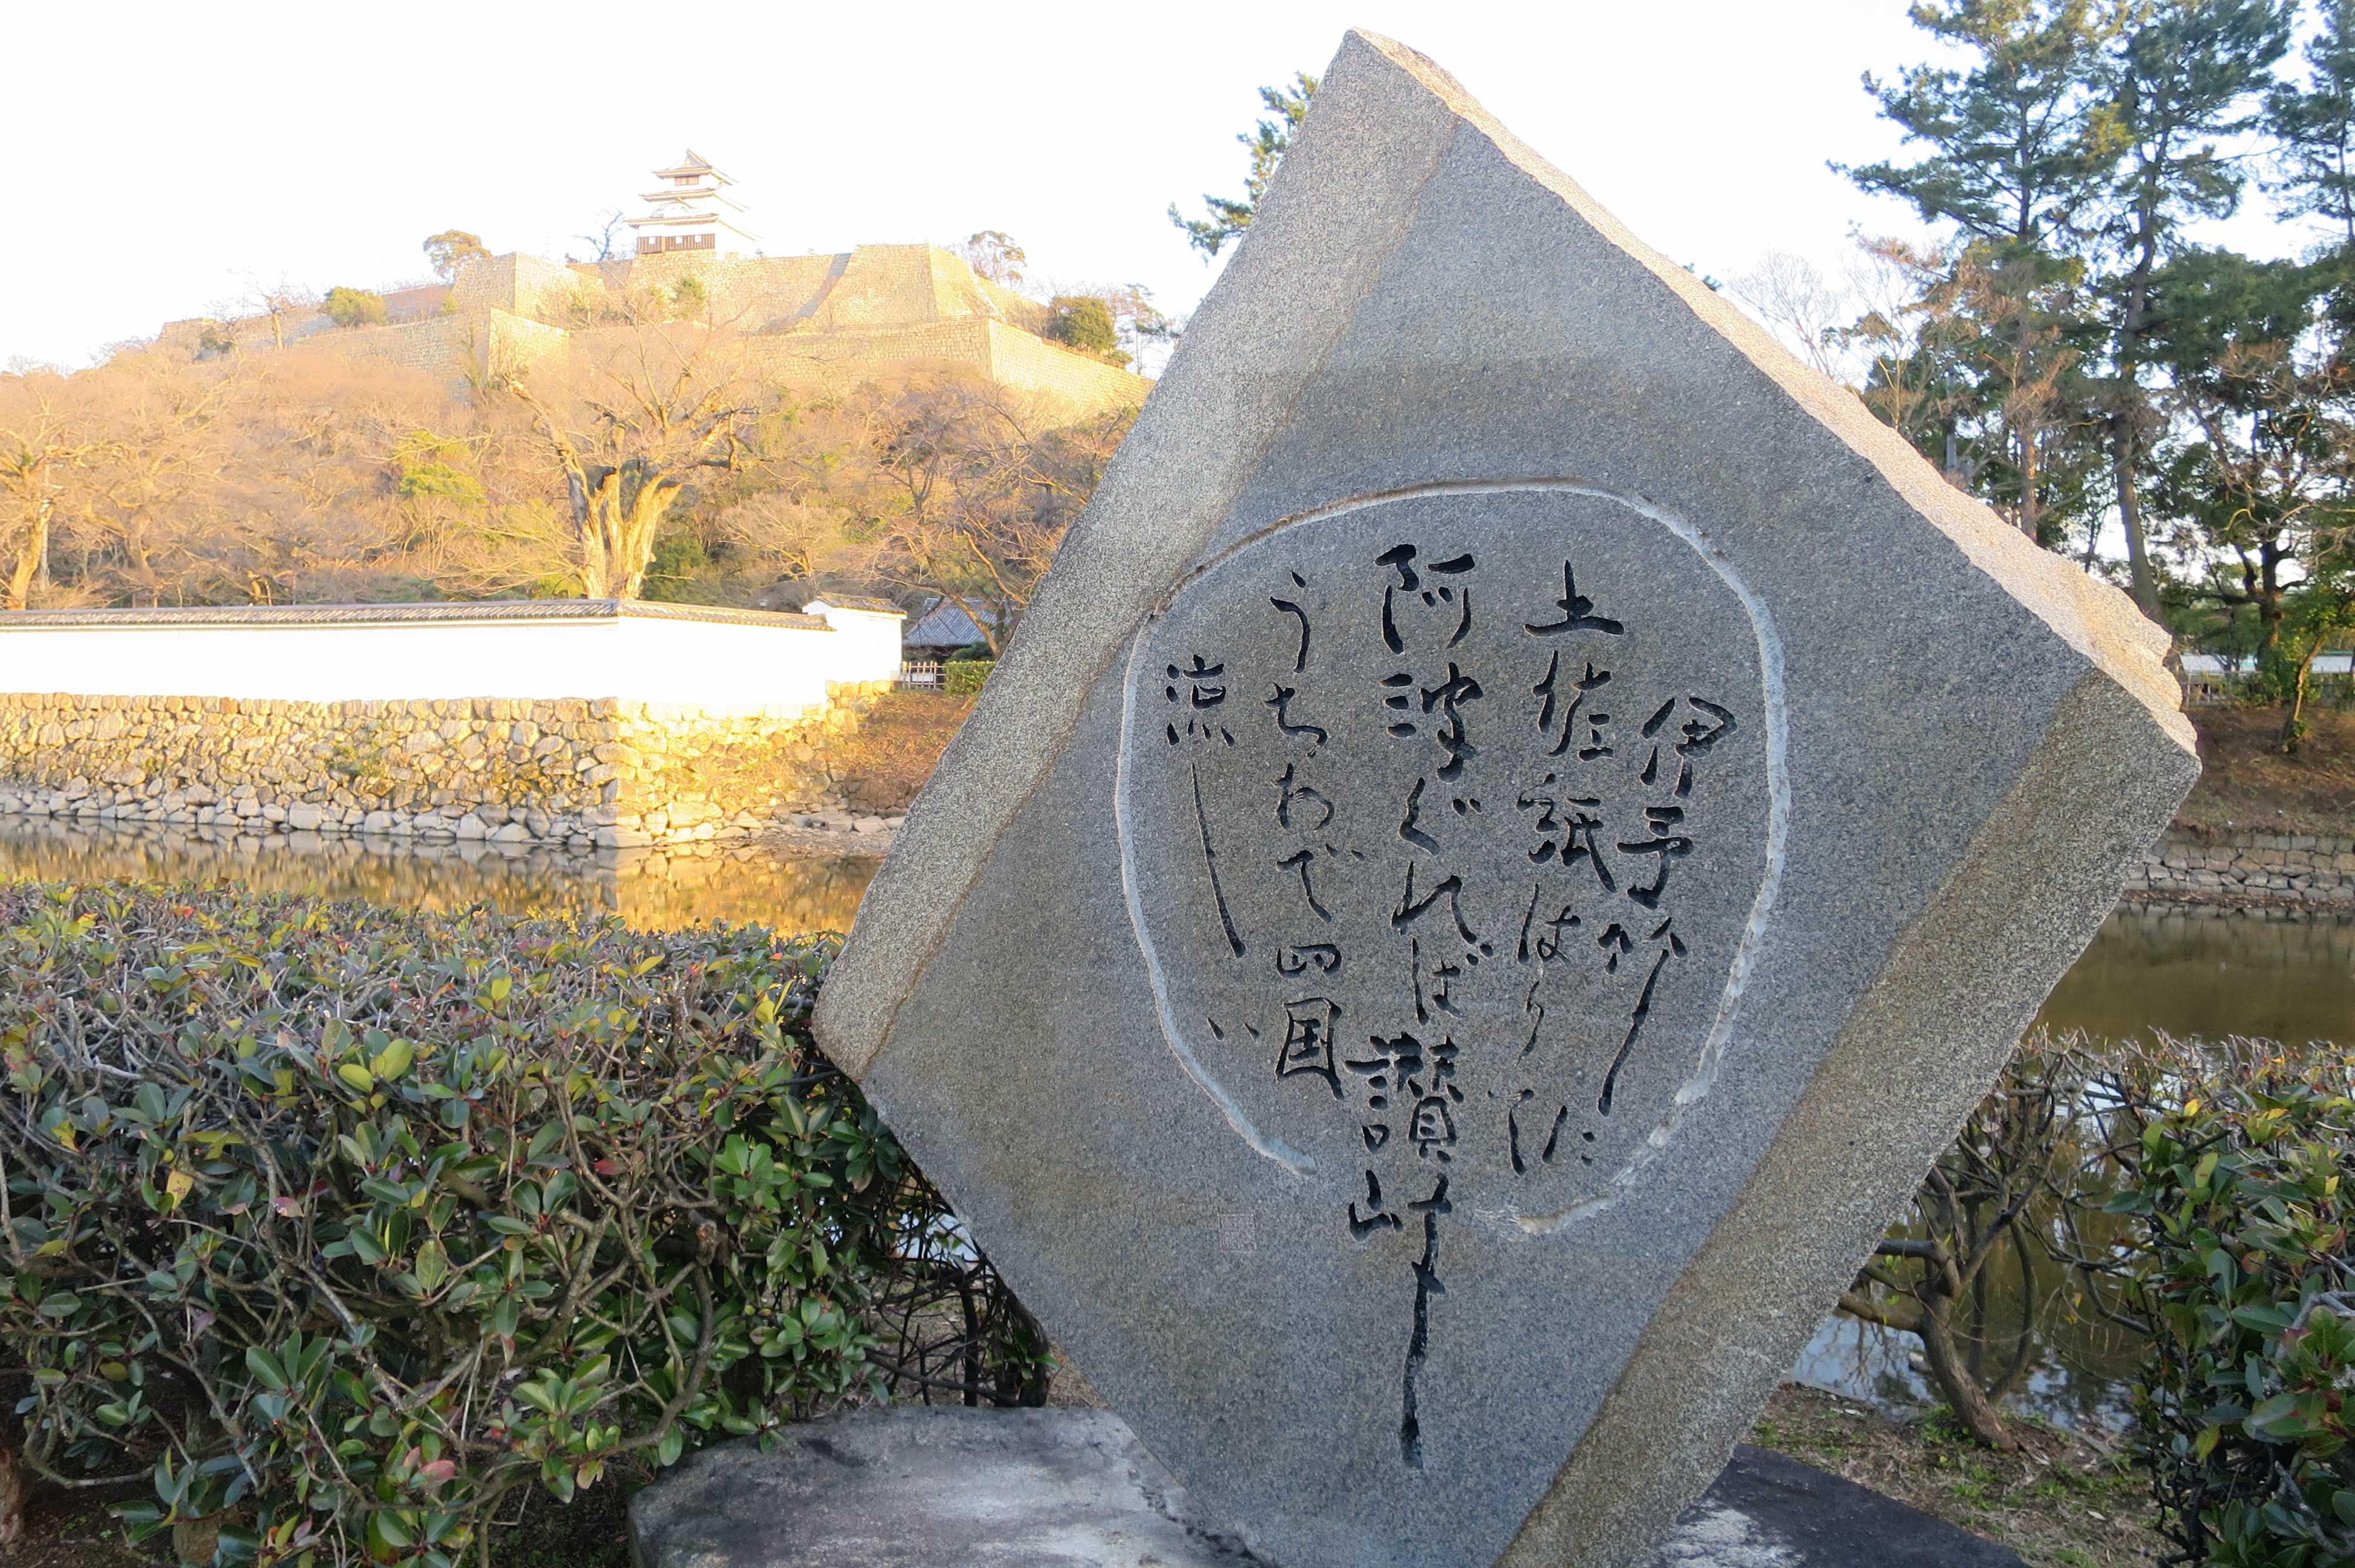 丸亀うちわの歌碑: 伊予竹に 土佐紙貼りて 阿波ぐれば 讃岐うちわで四国(至極)涼しい